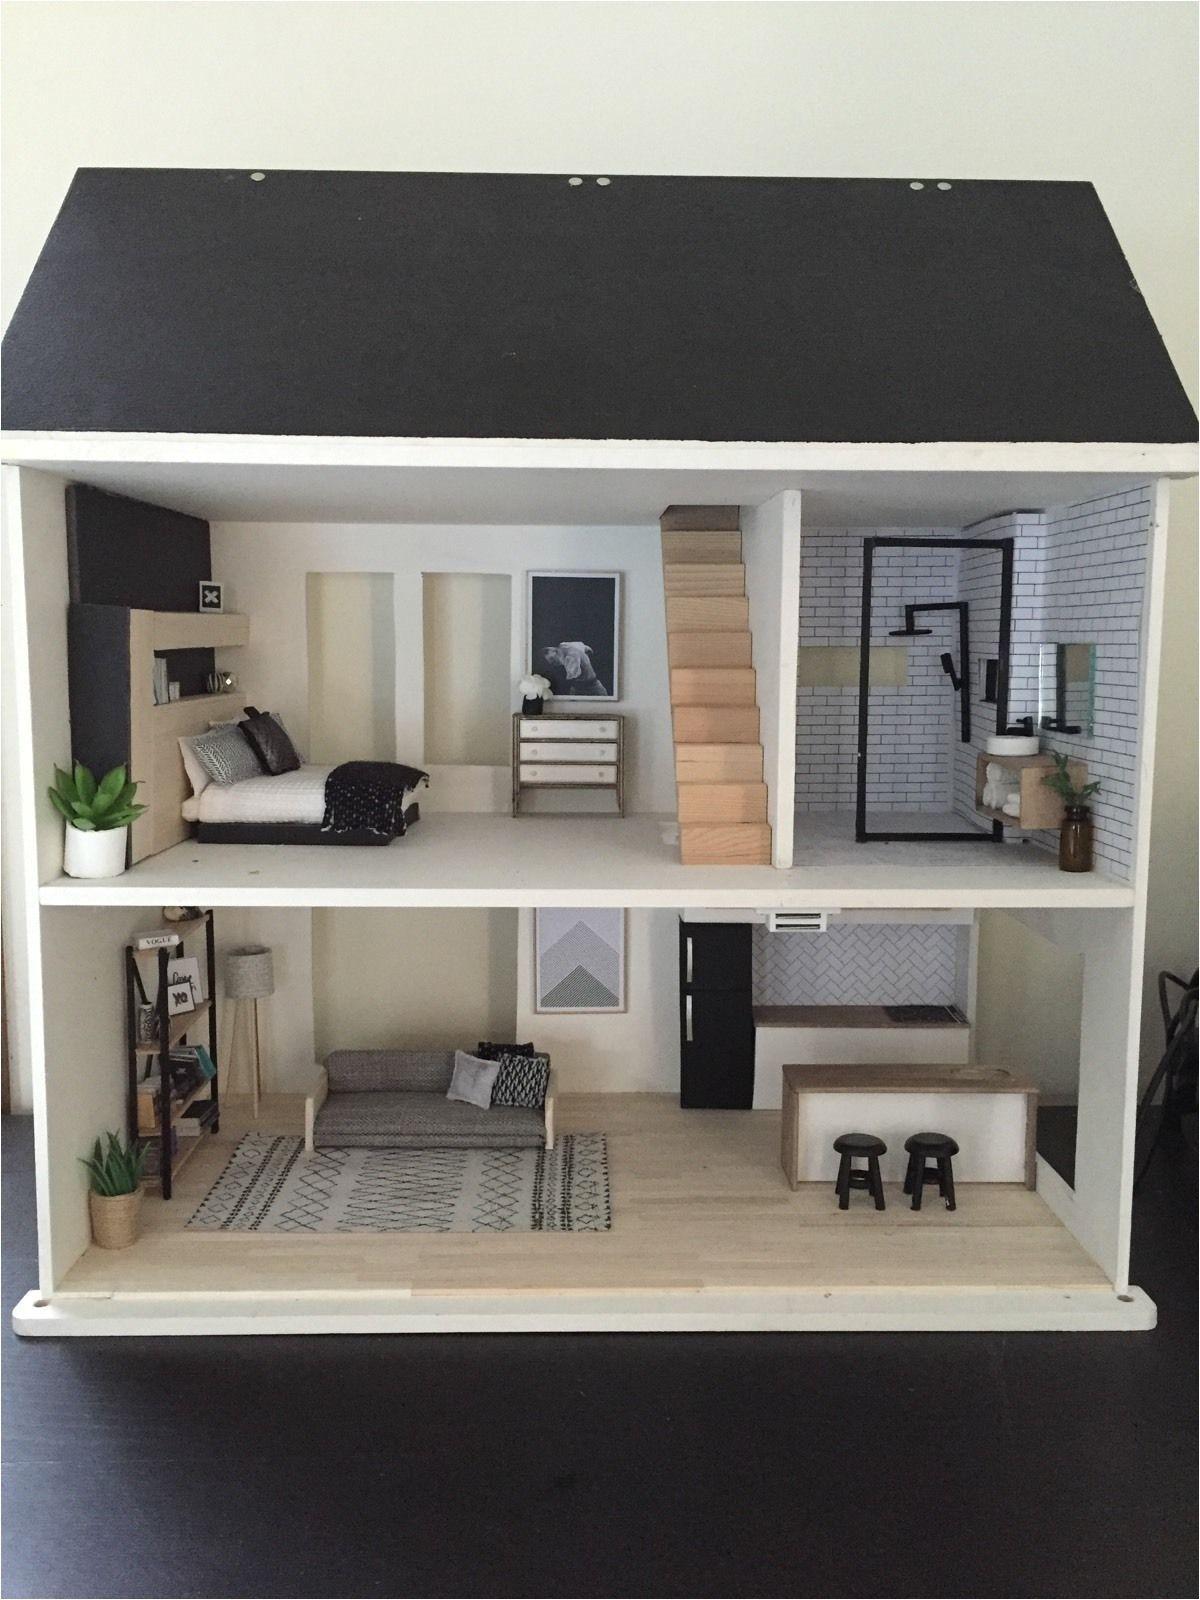 Wooden Barbie Dollhouse Plans Barbie Doll House Plans Custom Barbie House In 2020 Barbie Haus Barbie Haus Mobel Puppenhaus